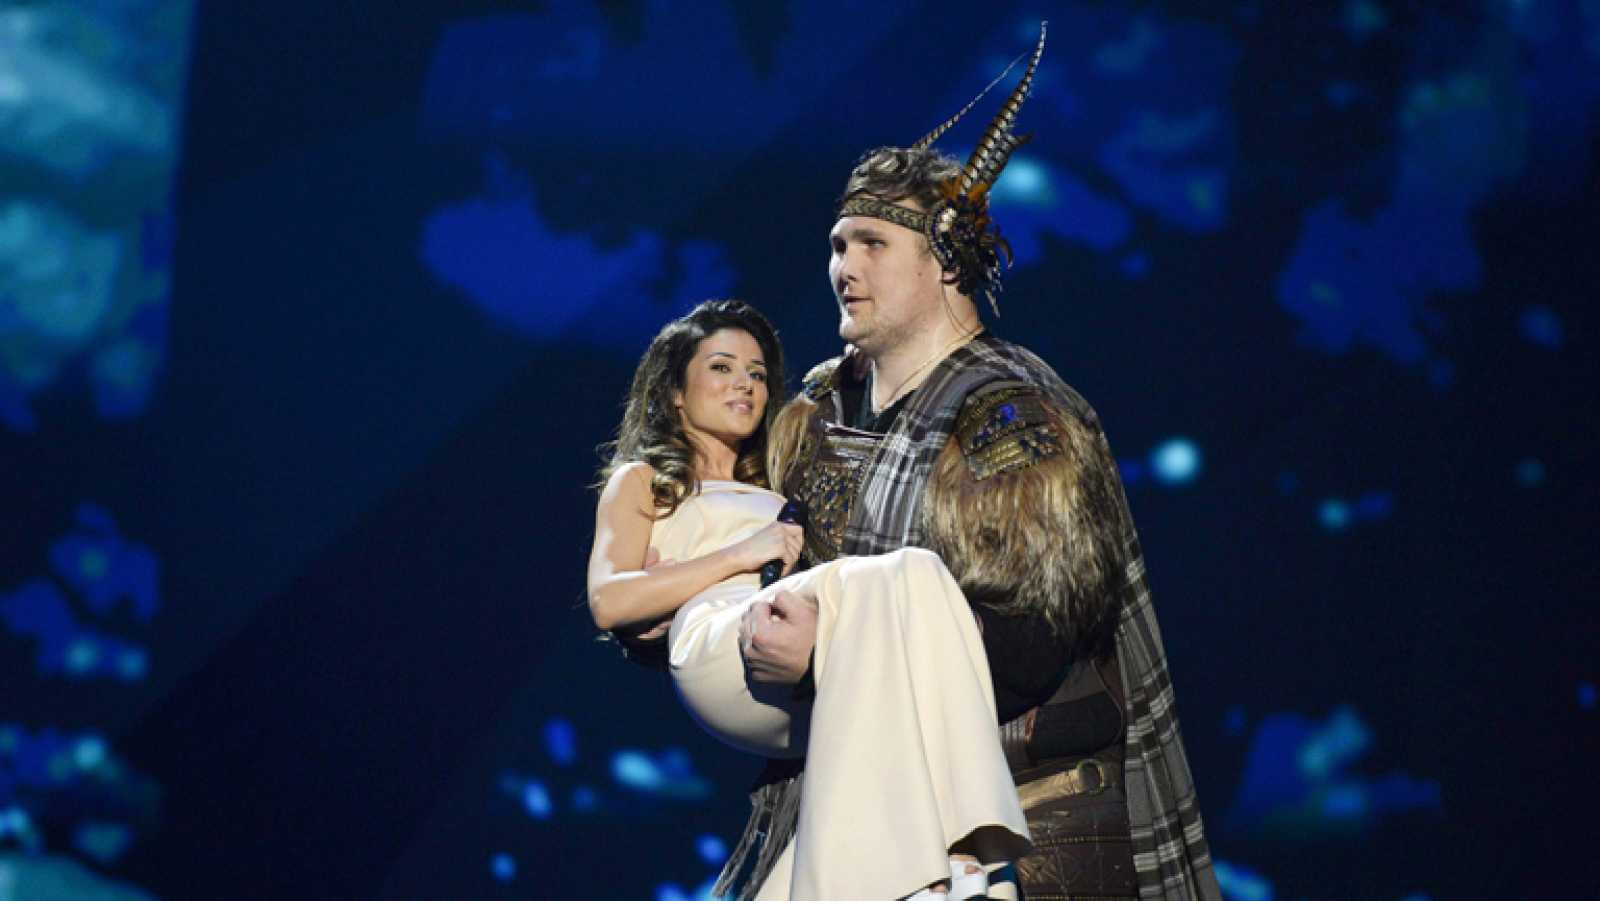 Final de Eurovisión 2013 - Ucrania